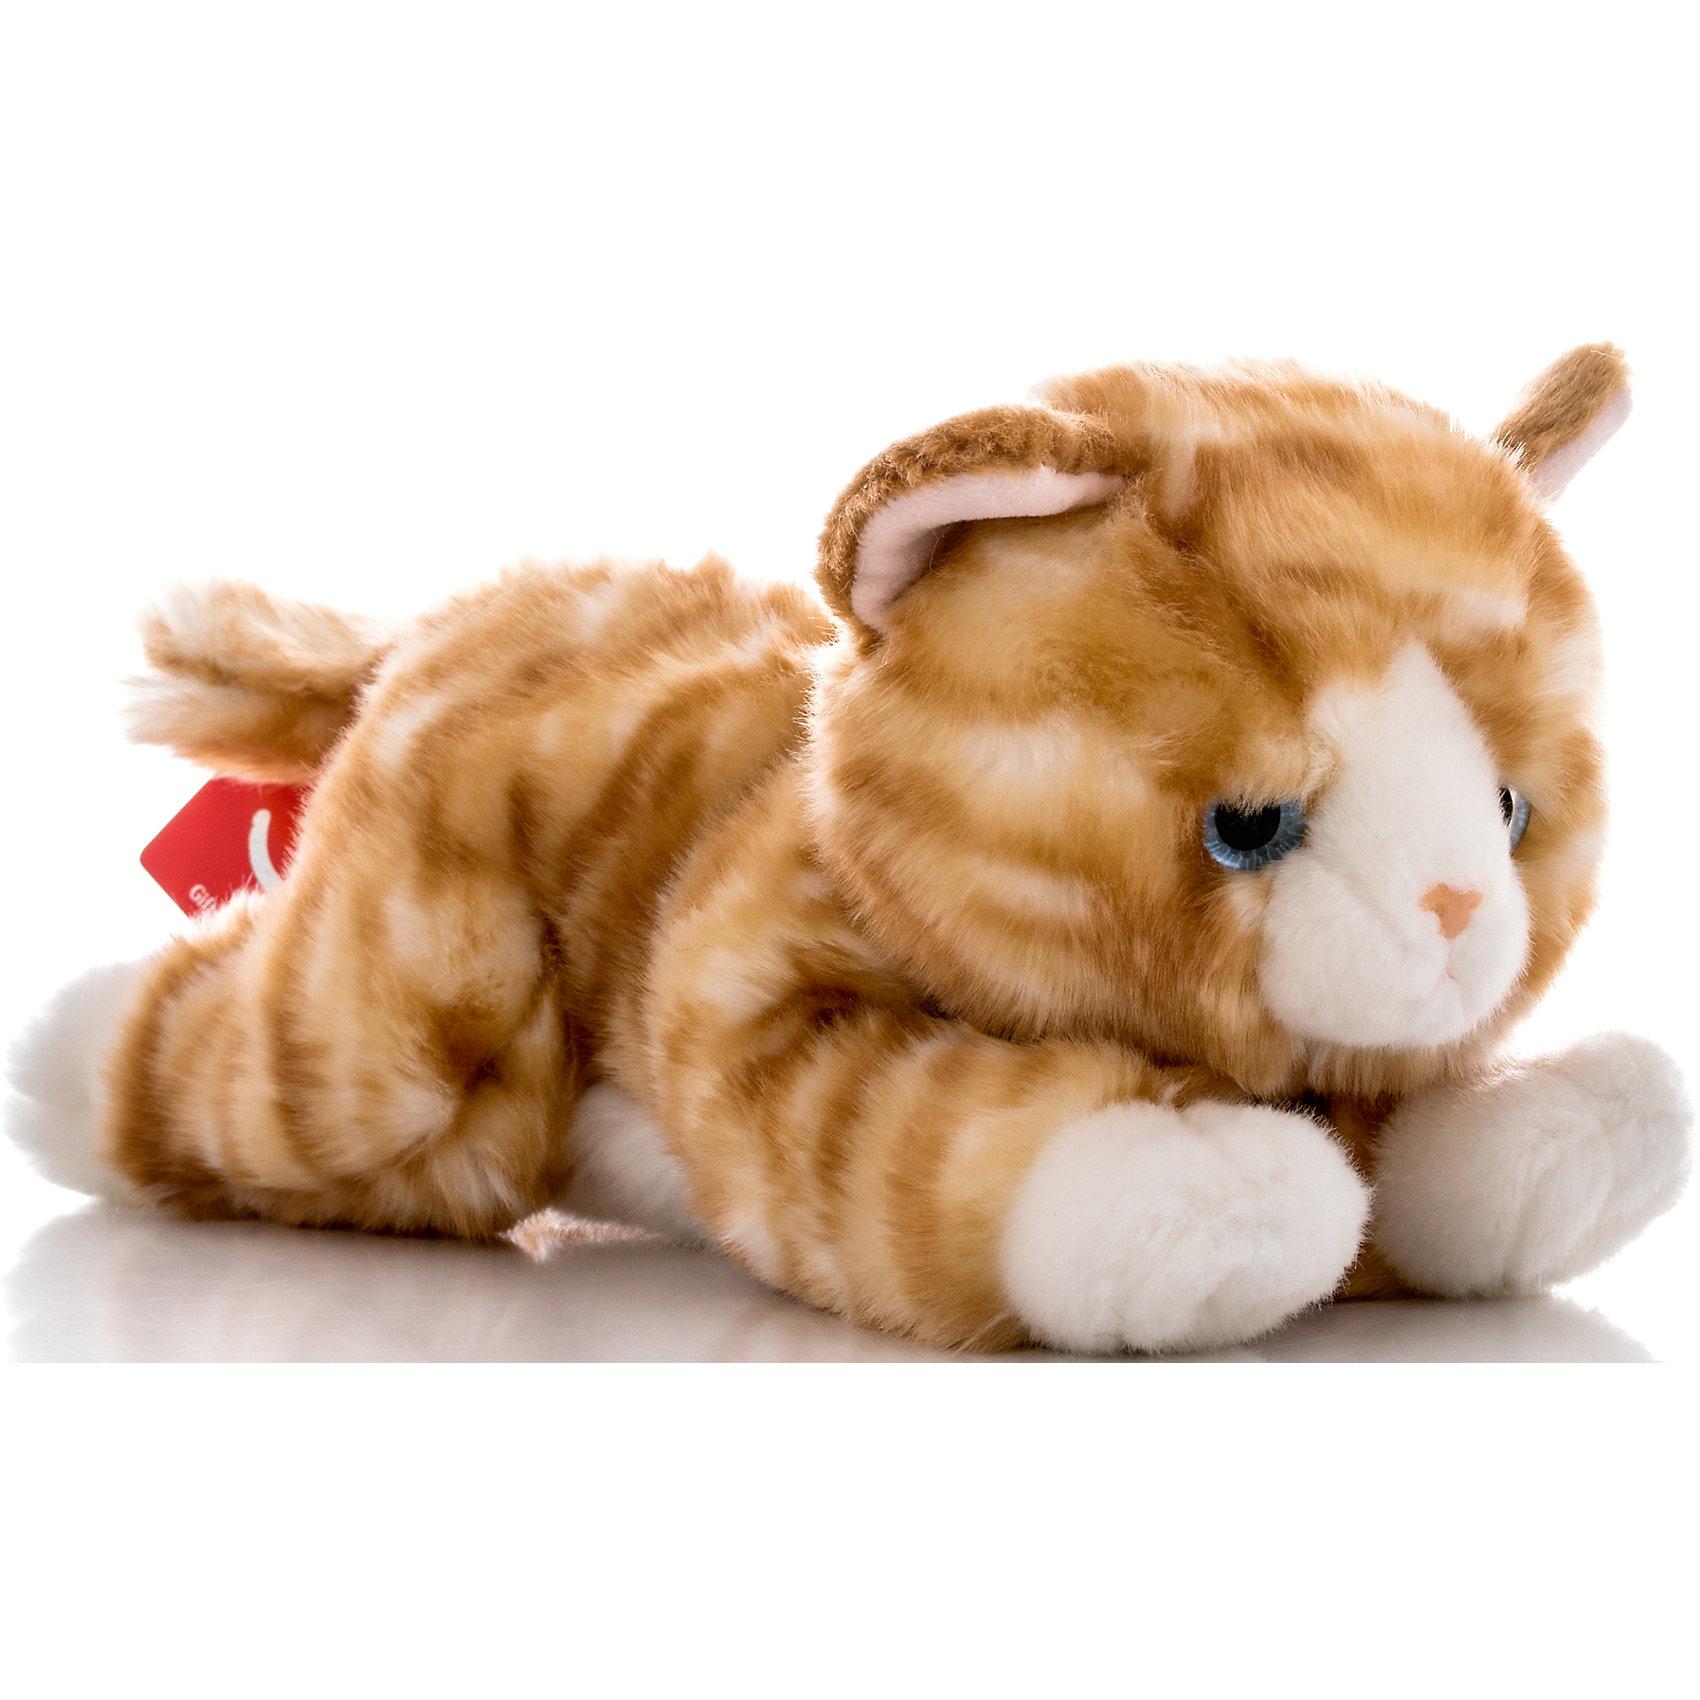 Мягкая игрушка Котенок рыжий, 28 см, AURORAКрасивый котик с бело-рыжей шерсткой, обязательно понравится Вашему ребенку! Котик невероятно мягкий, у него забавный хвостик и милый розовый носик, а еще, у котика очаровательные глазки.<br><br>Дополнительная информация:<br><br>- Возраст: от 3 лет.<br>- Материал: плюш, синтепон.<br>- Цвет: рыжий.<br>- Высота игрушки: 28 см.<br><br>Купить мягкую игрушку Котик можно в нашем магазине.<br><br>Ширина мм: 100<br>Глубина мм: 250<br>Высота мм: 130<br>Вес г: 229<br>Возраст от месяцев: 36<br>Возраст до месяцев: 120<br>Пол: Унисекс<br>Возраст: Детский<br>SKU: 4929032